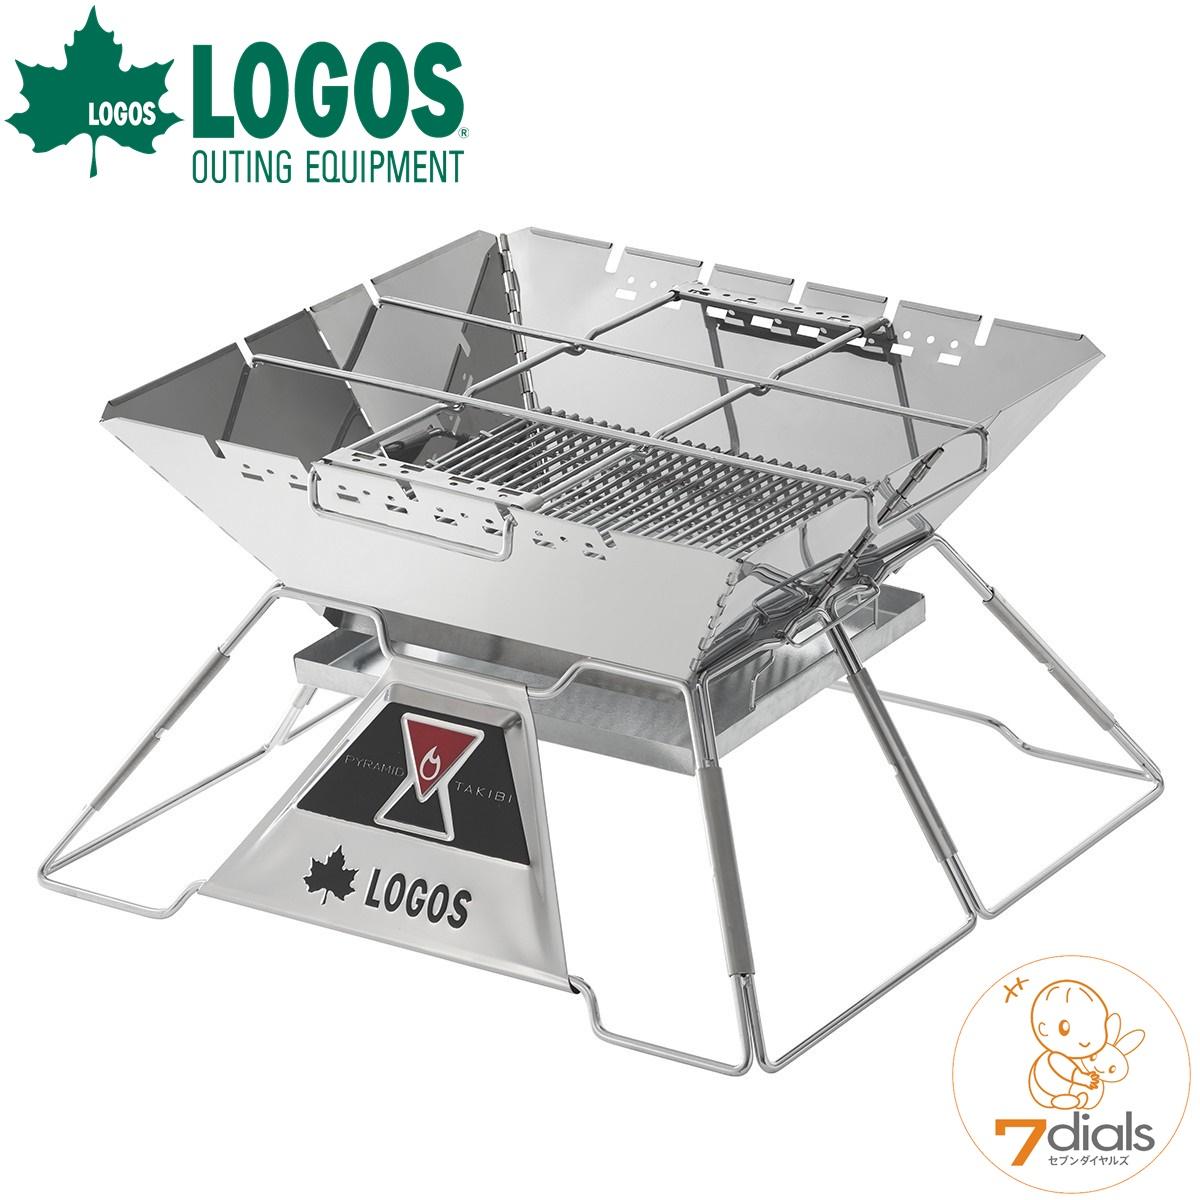 LOGOS/ロゴス LOGOS the ピラミッドTAKIBI XL ゴトク付きで料理も楽しめる本格焚火台 タキビ 組み立て10秒でコンパクト収納 串焼きプレート付き 【送料無料】